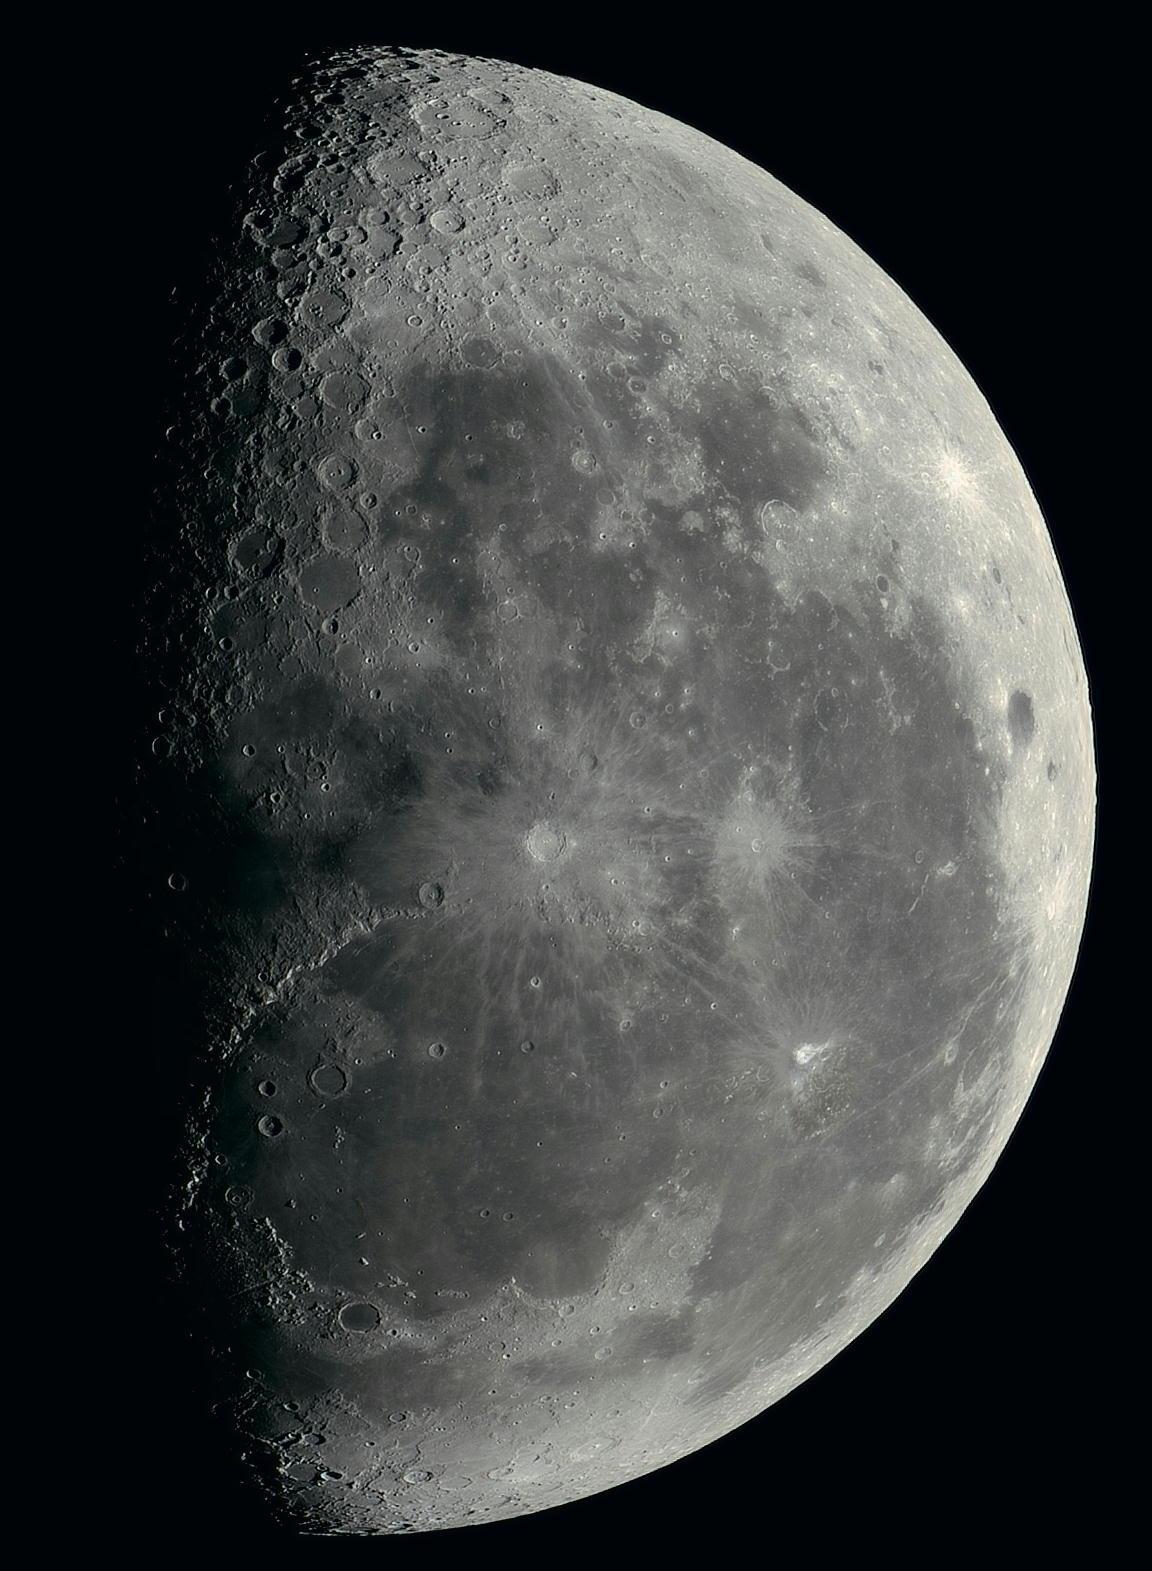 ビームスプリッタで一瞬の雲間を狙う_f0346040_23391942.jpg